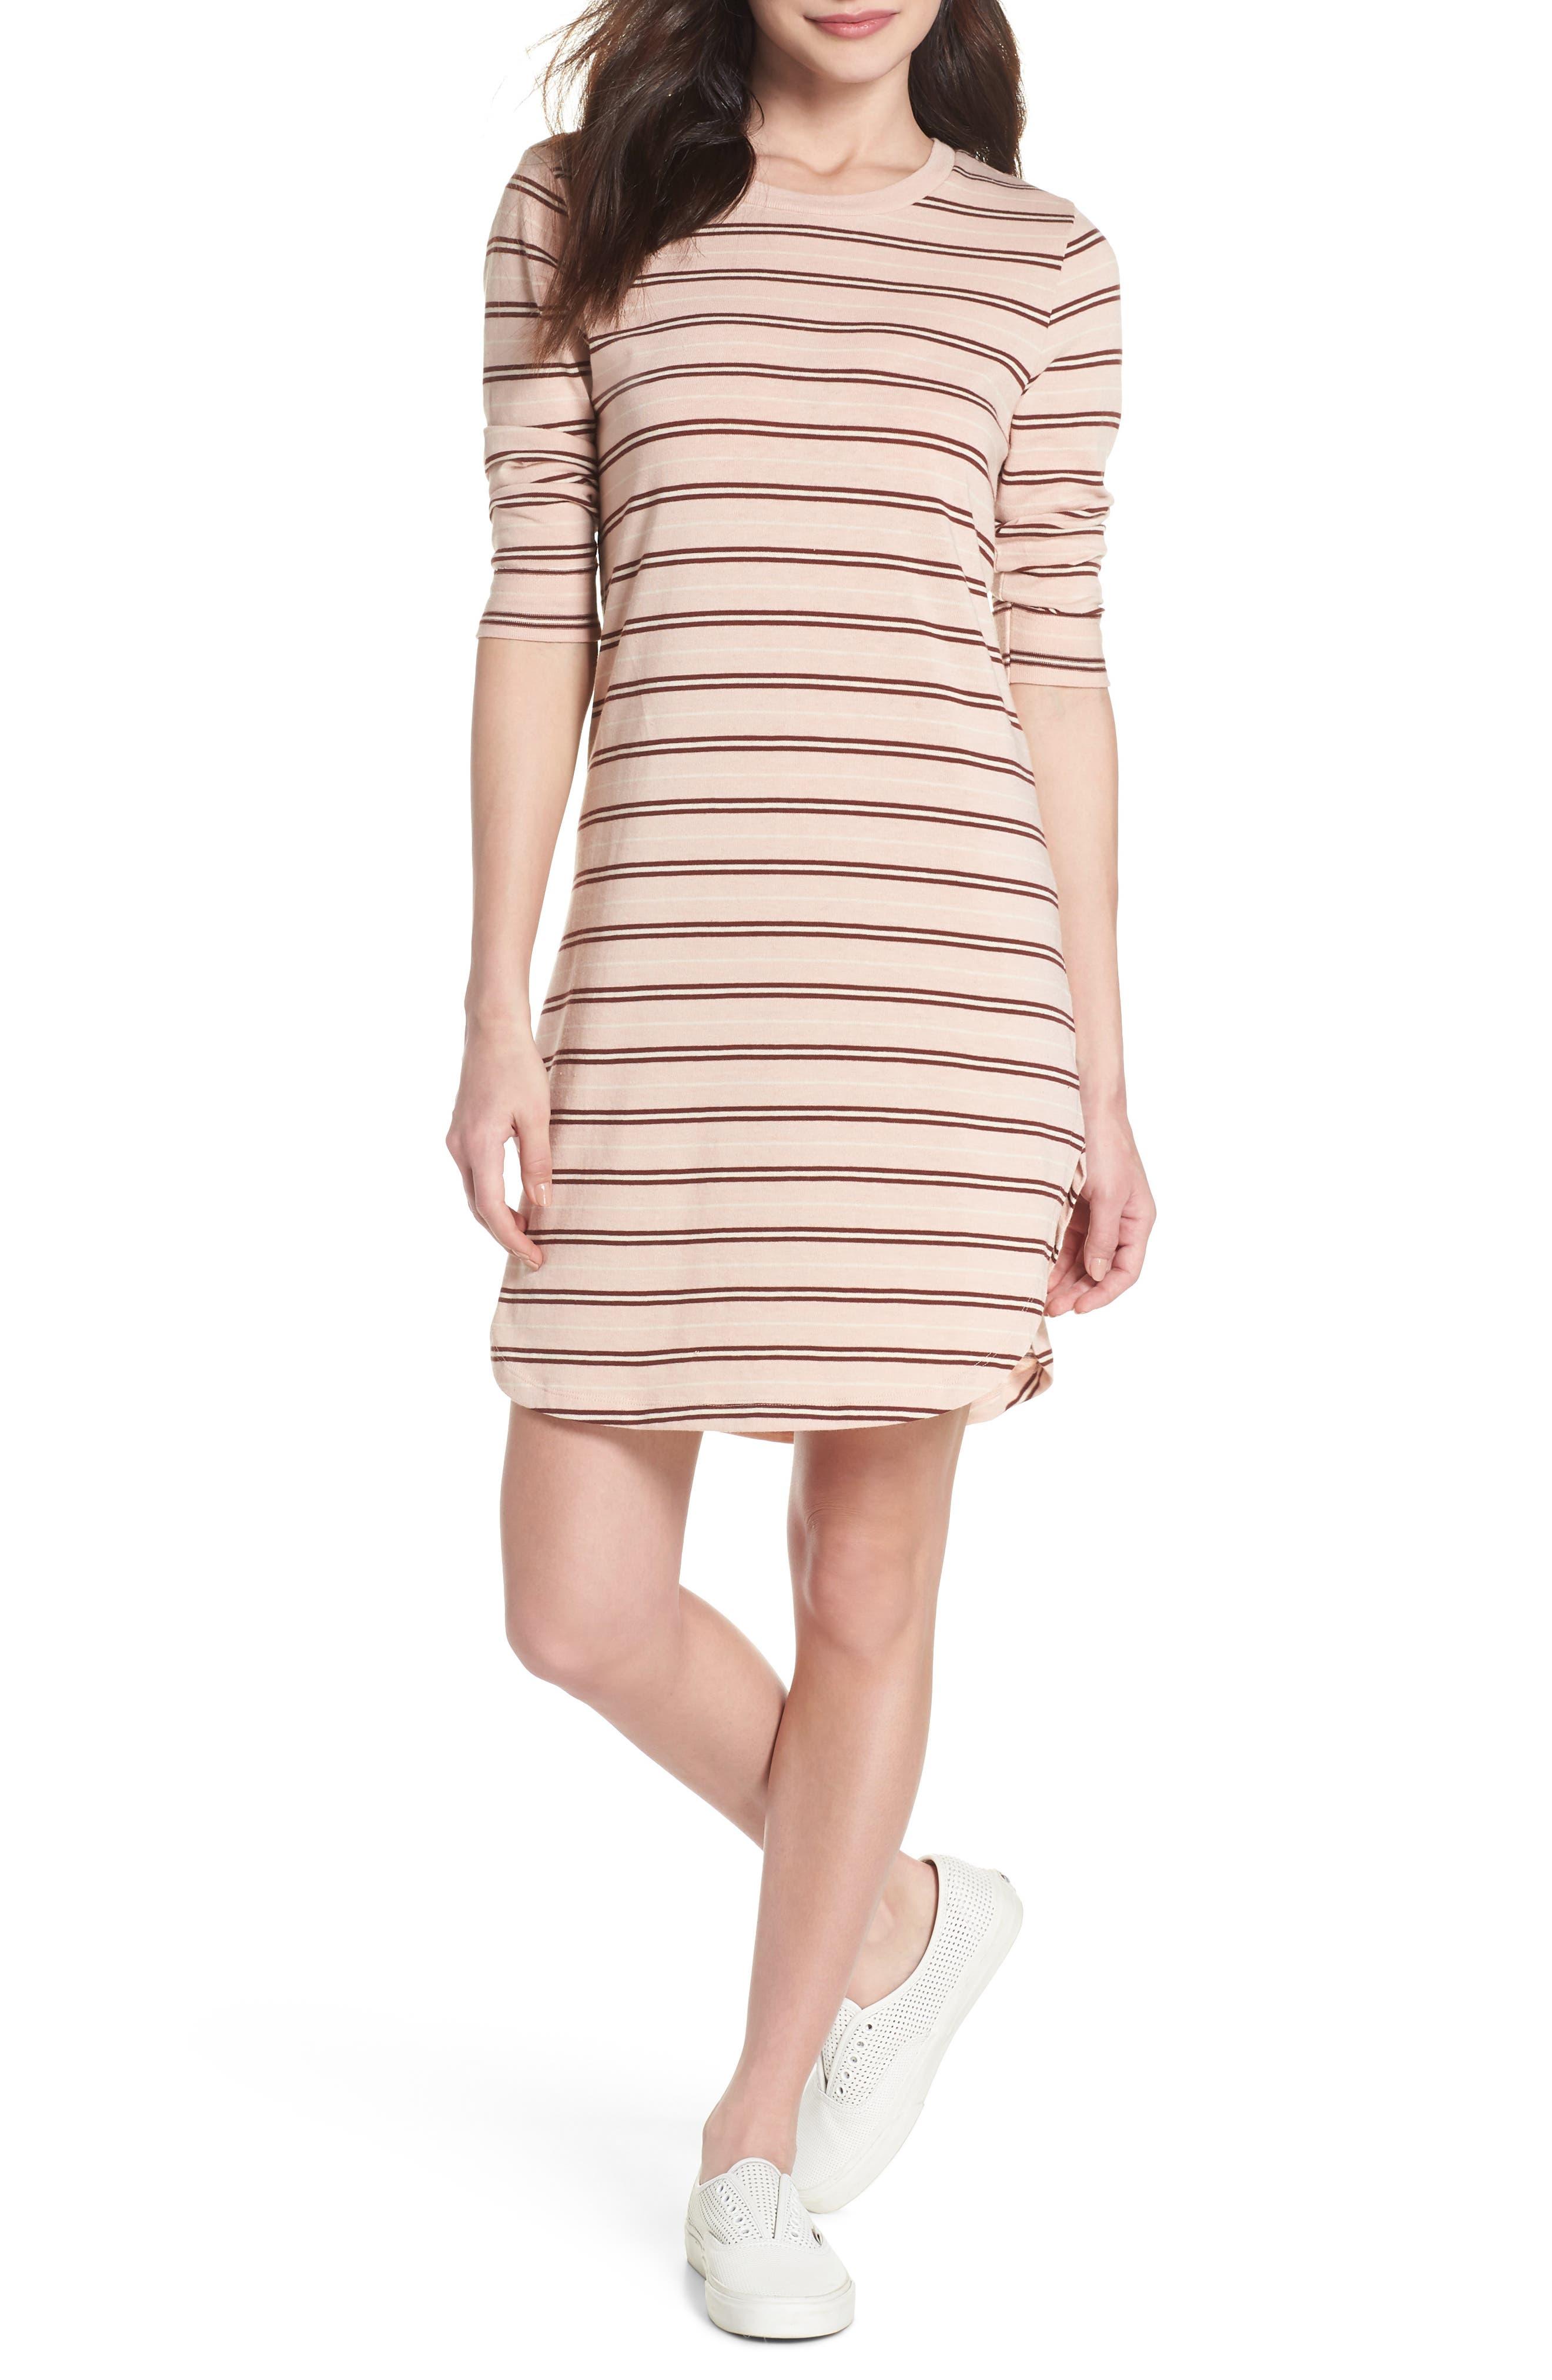 Saul Tunic Dress,                             Main thumbnail 1, color,                             Blush 90S Stripe